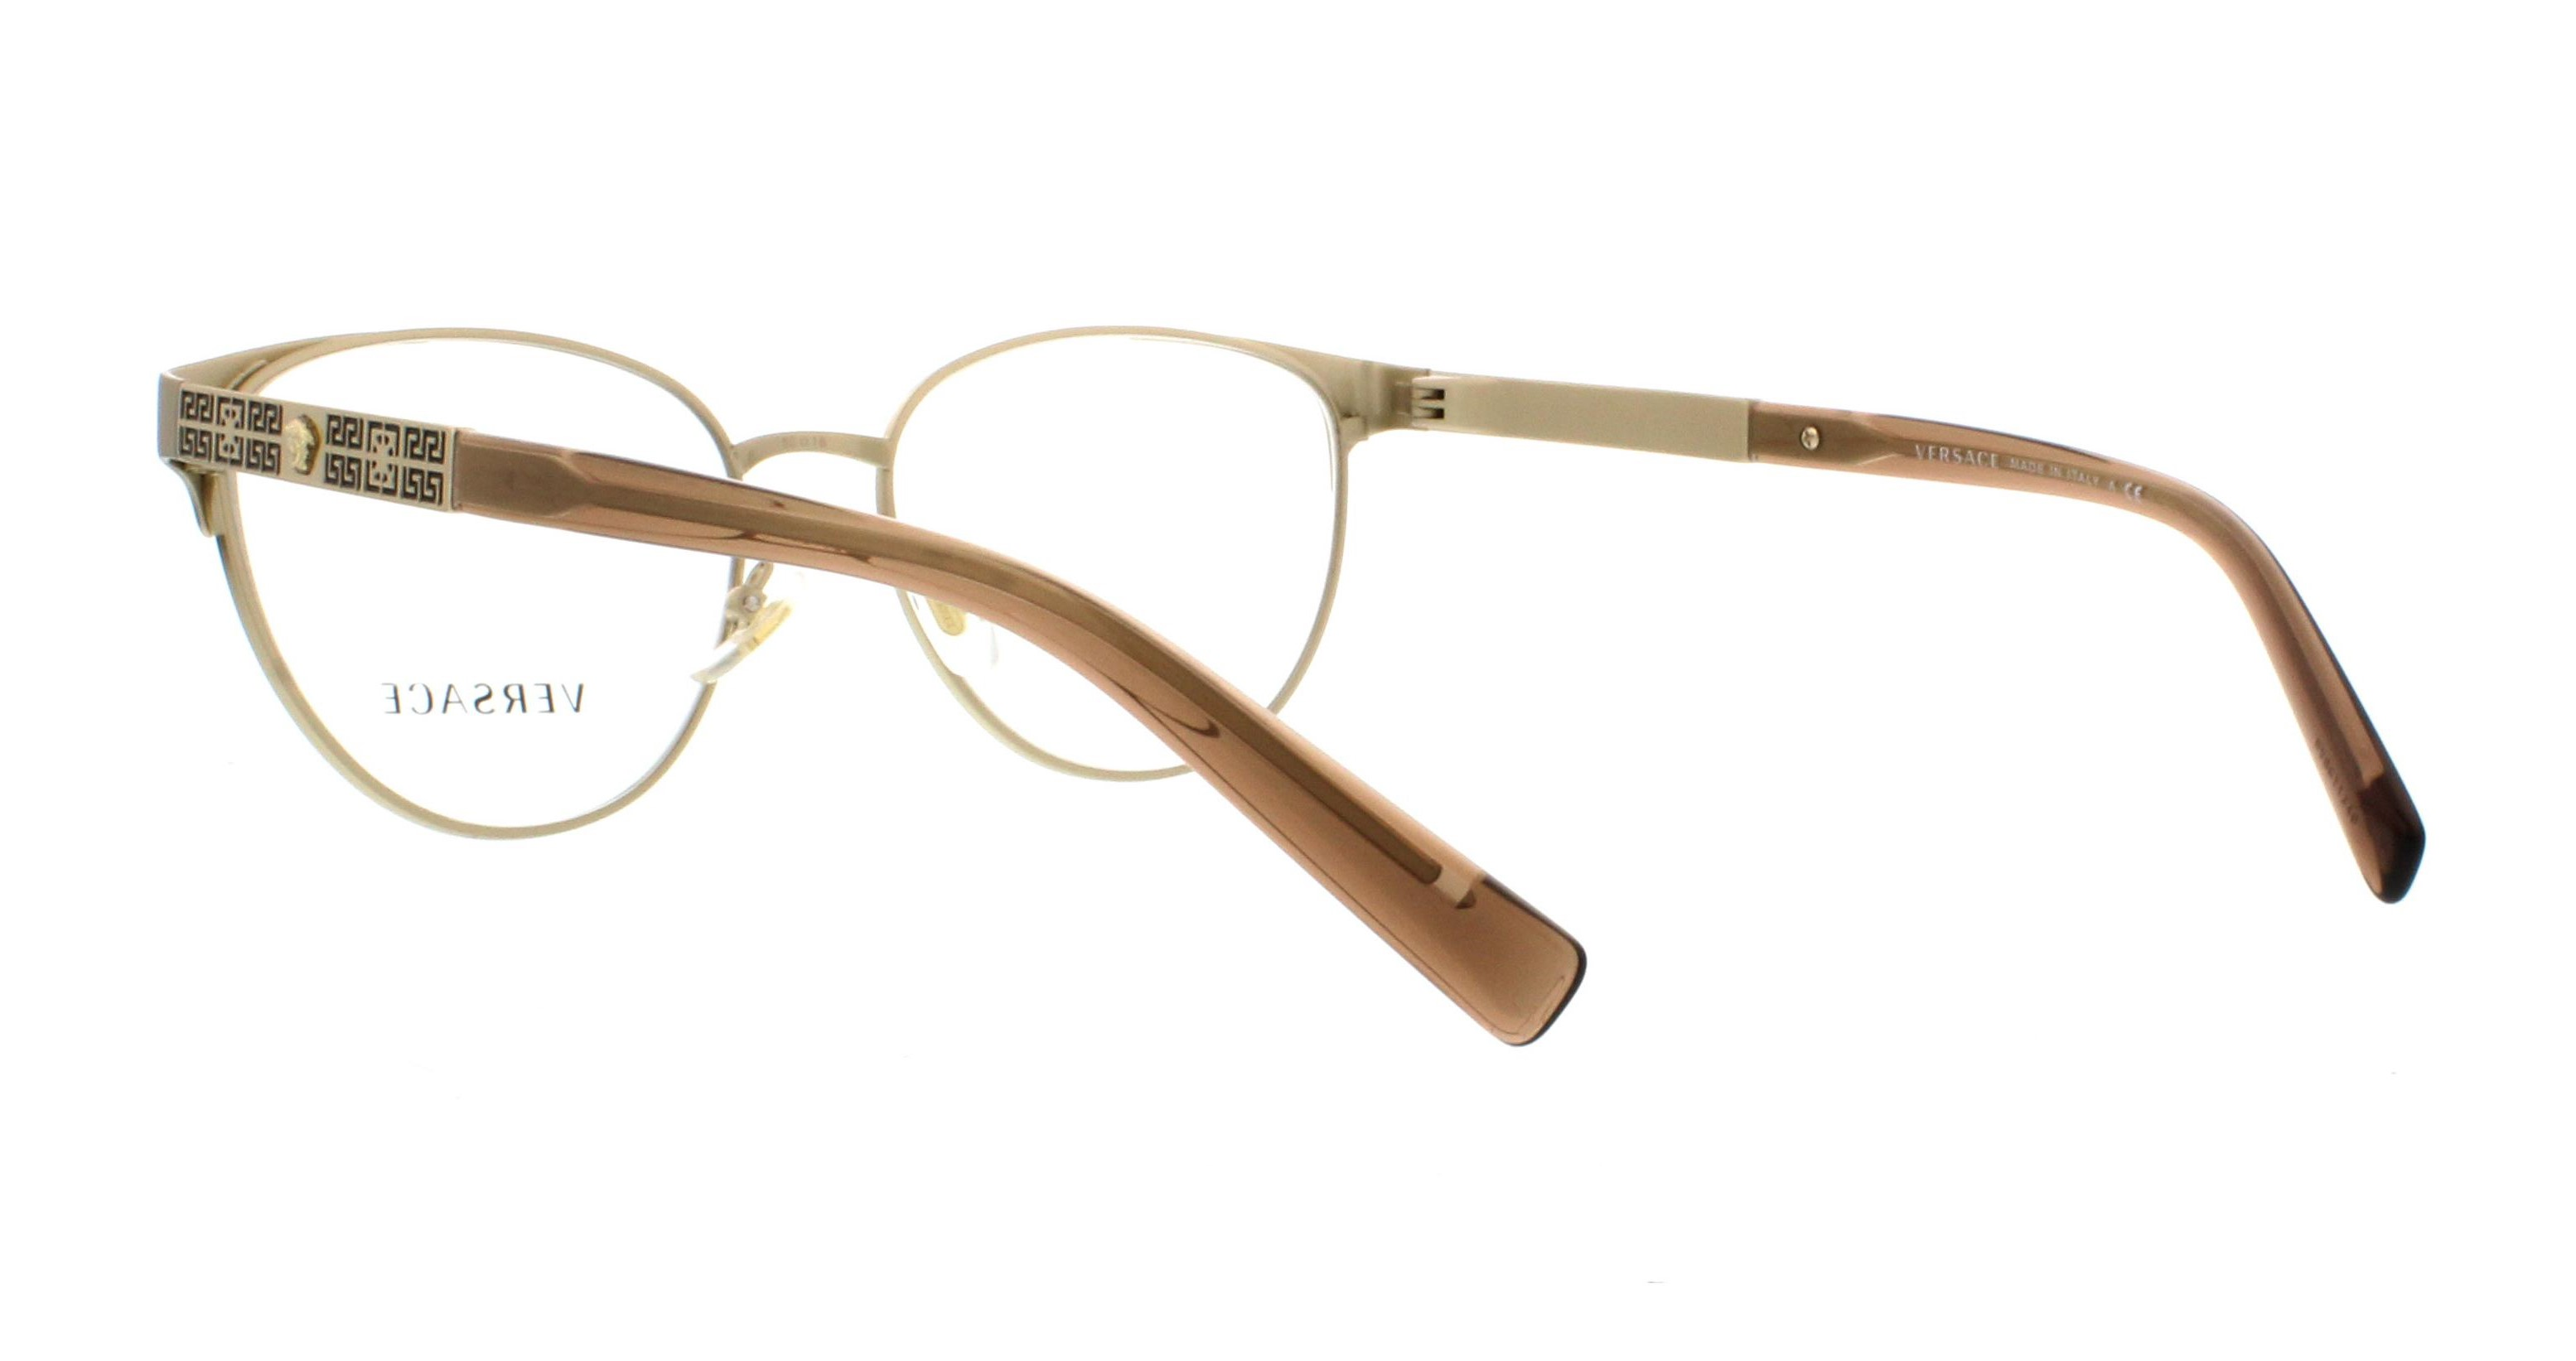 afaf62d038 VERSACE Eyeglasses VE1238 1339 Brushed Pale Gold 52MM - Walmart.com